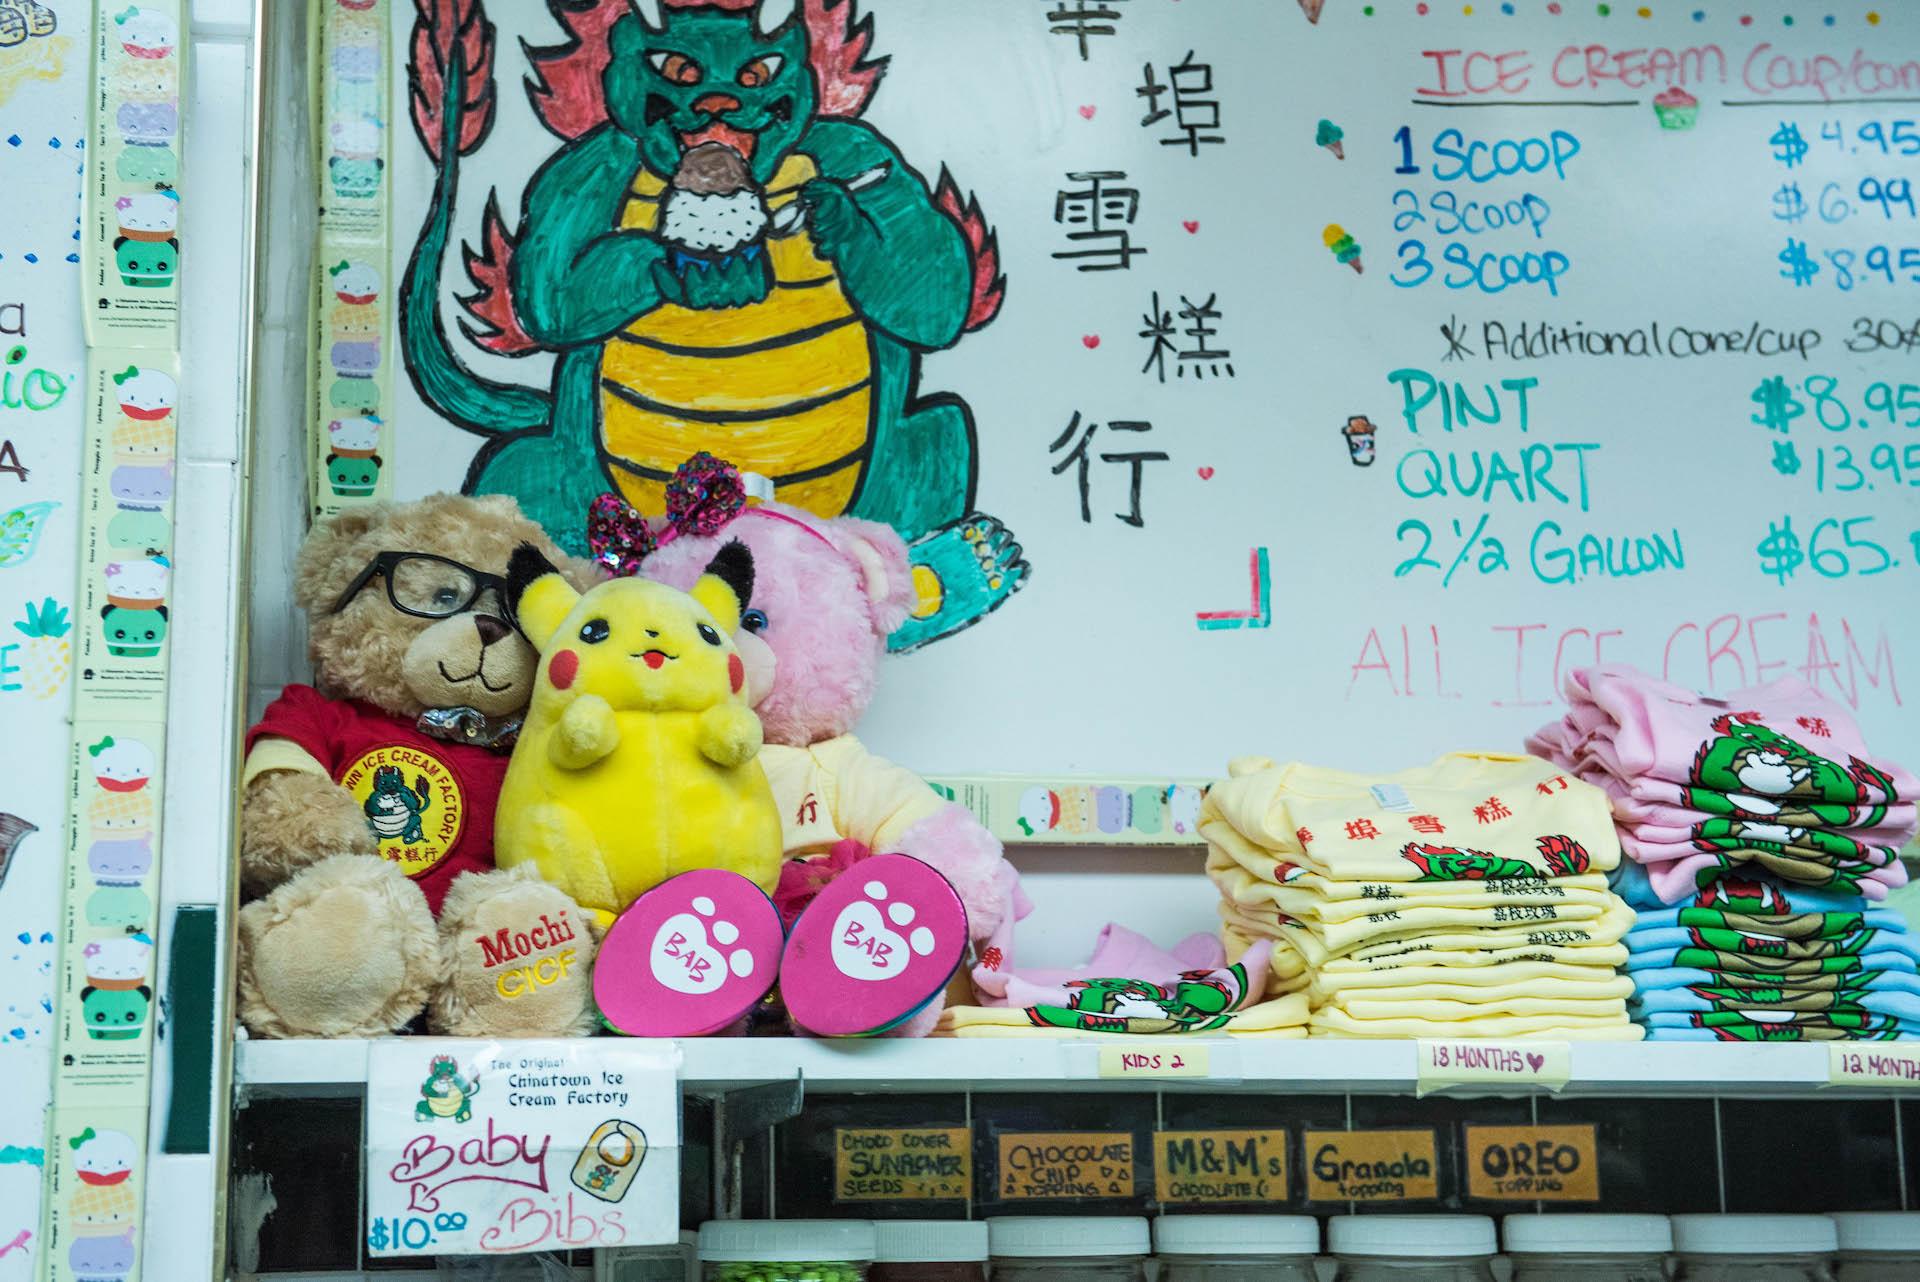 chinatown_icecream_factory-9.jpg